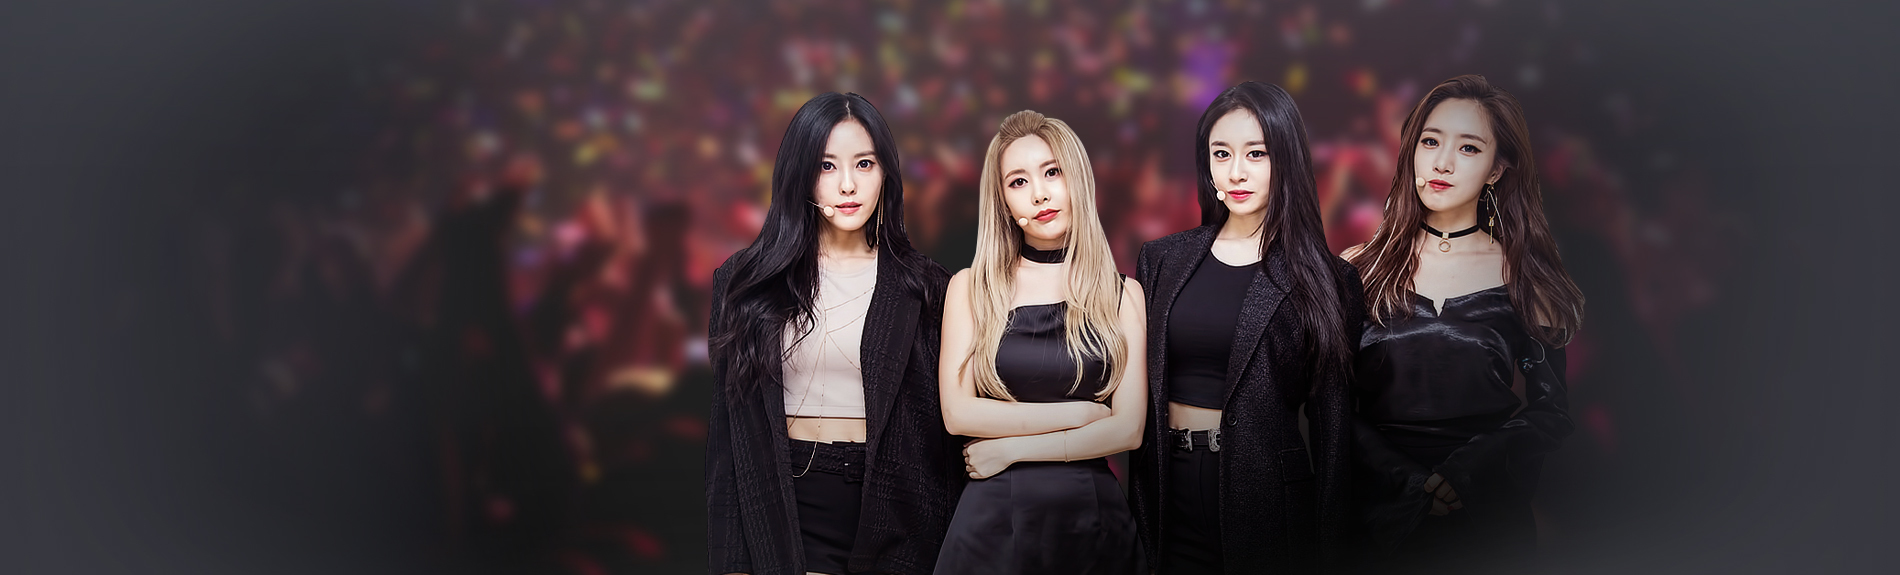 신선한 매력과 중독성<BR>숨어 듣는 명곡 특집!